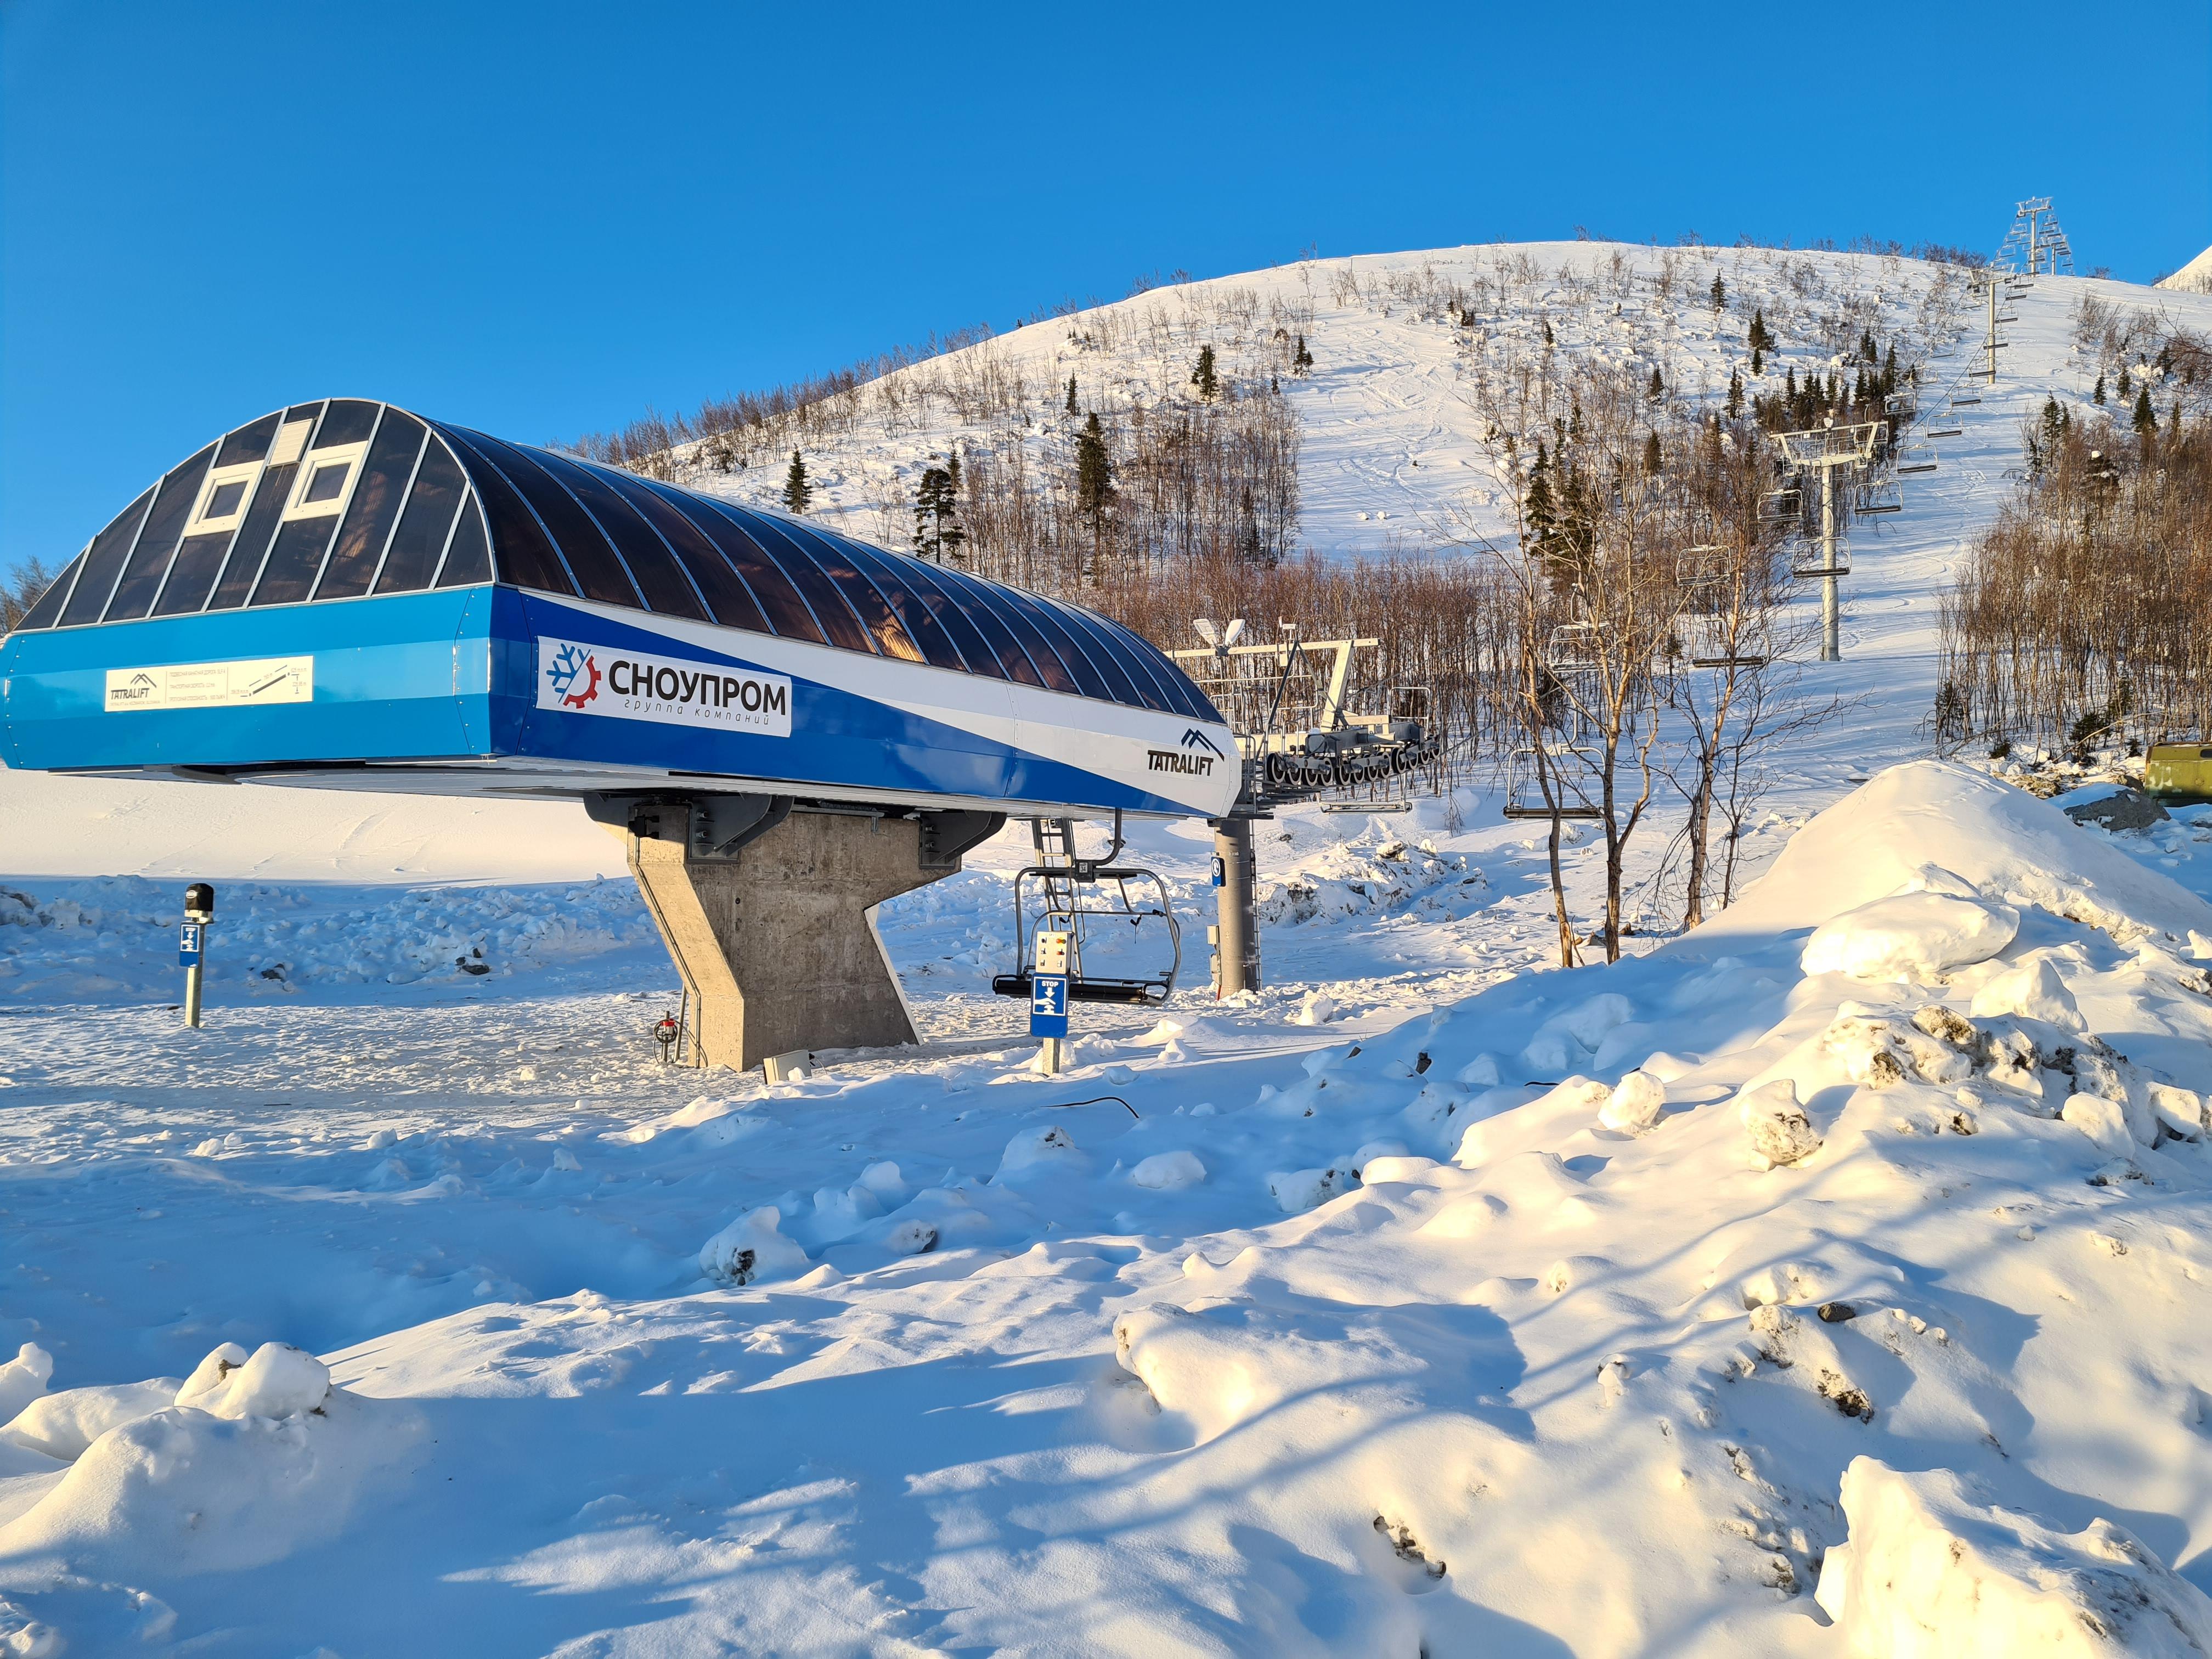 В Кировске завершены работы по вводу в эксплуатацию четырехместной канатной дороги